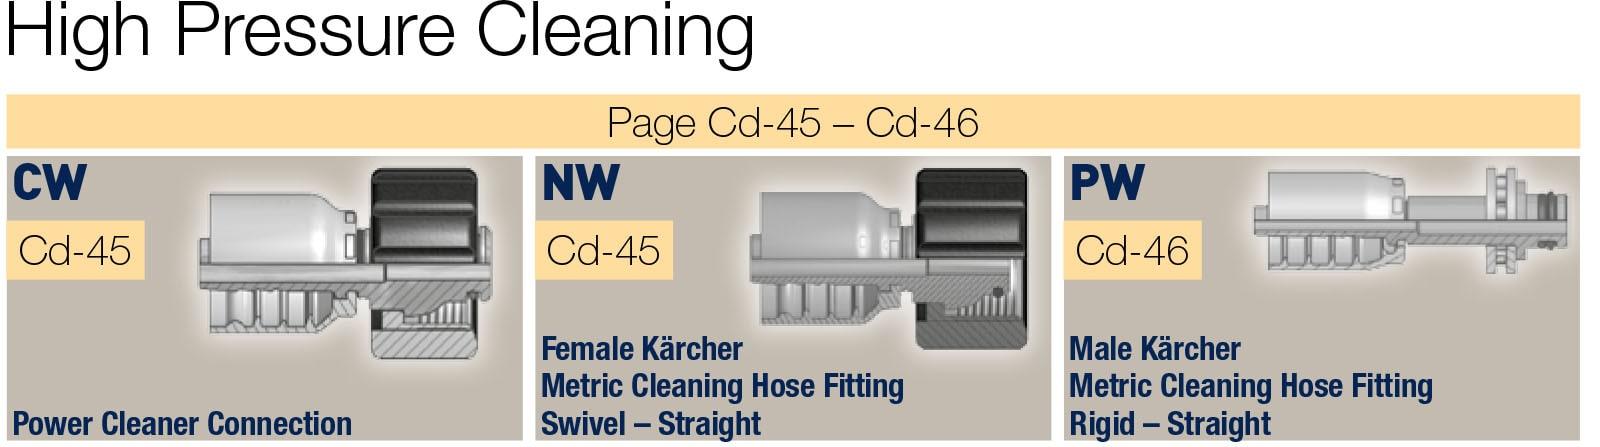 High Pressure Cleaning фитинги за средно налягане, серия 46_48